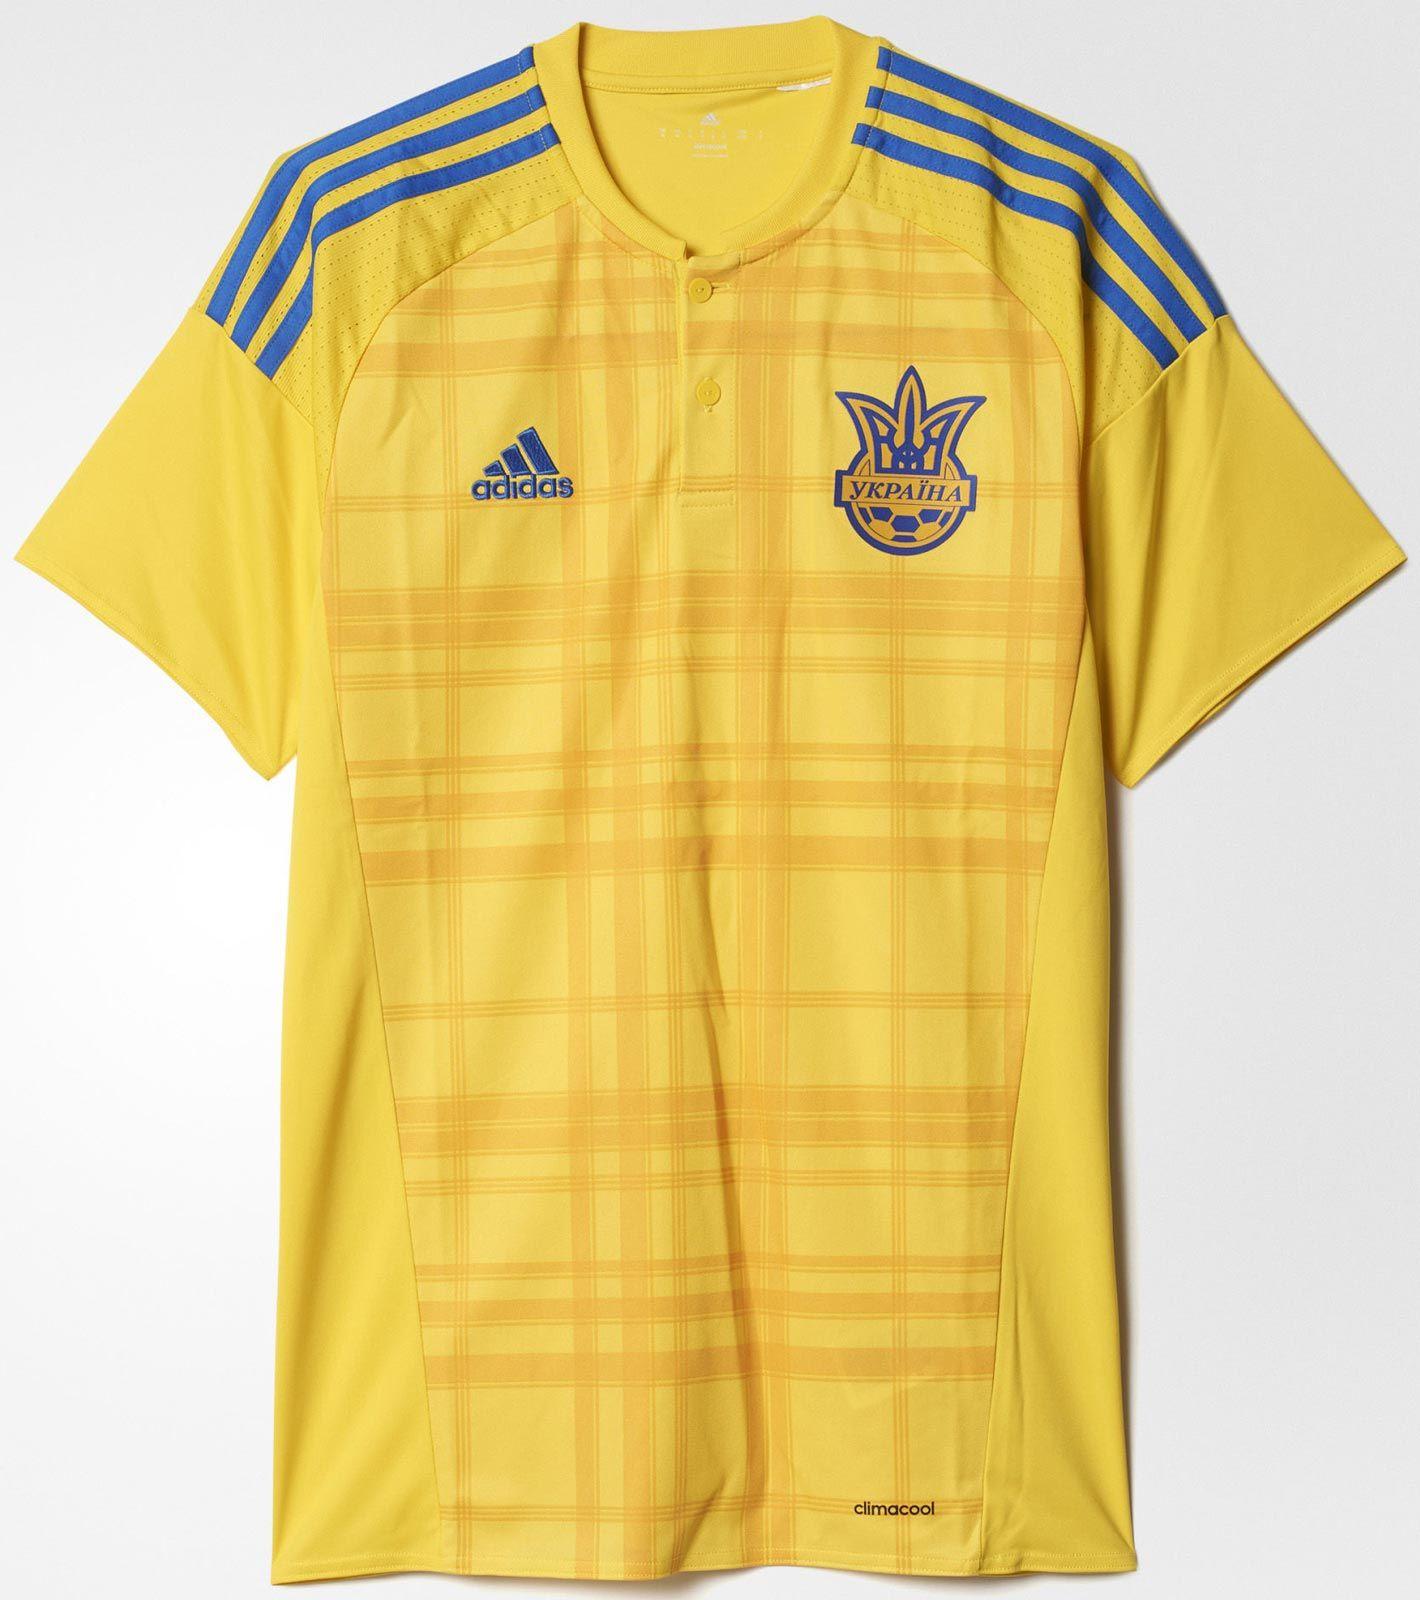 Primera camiseta de tailandia Ucrania Euro 2016